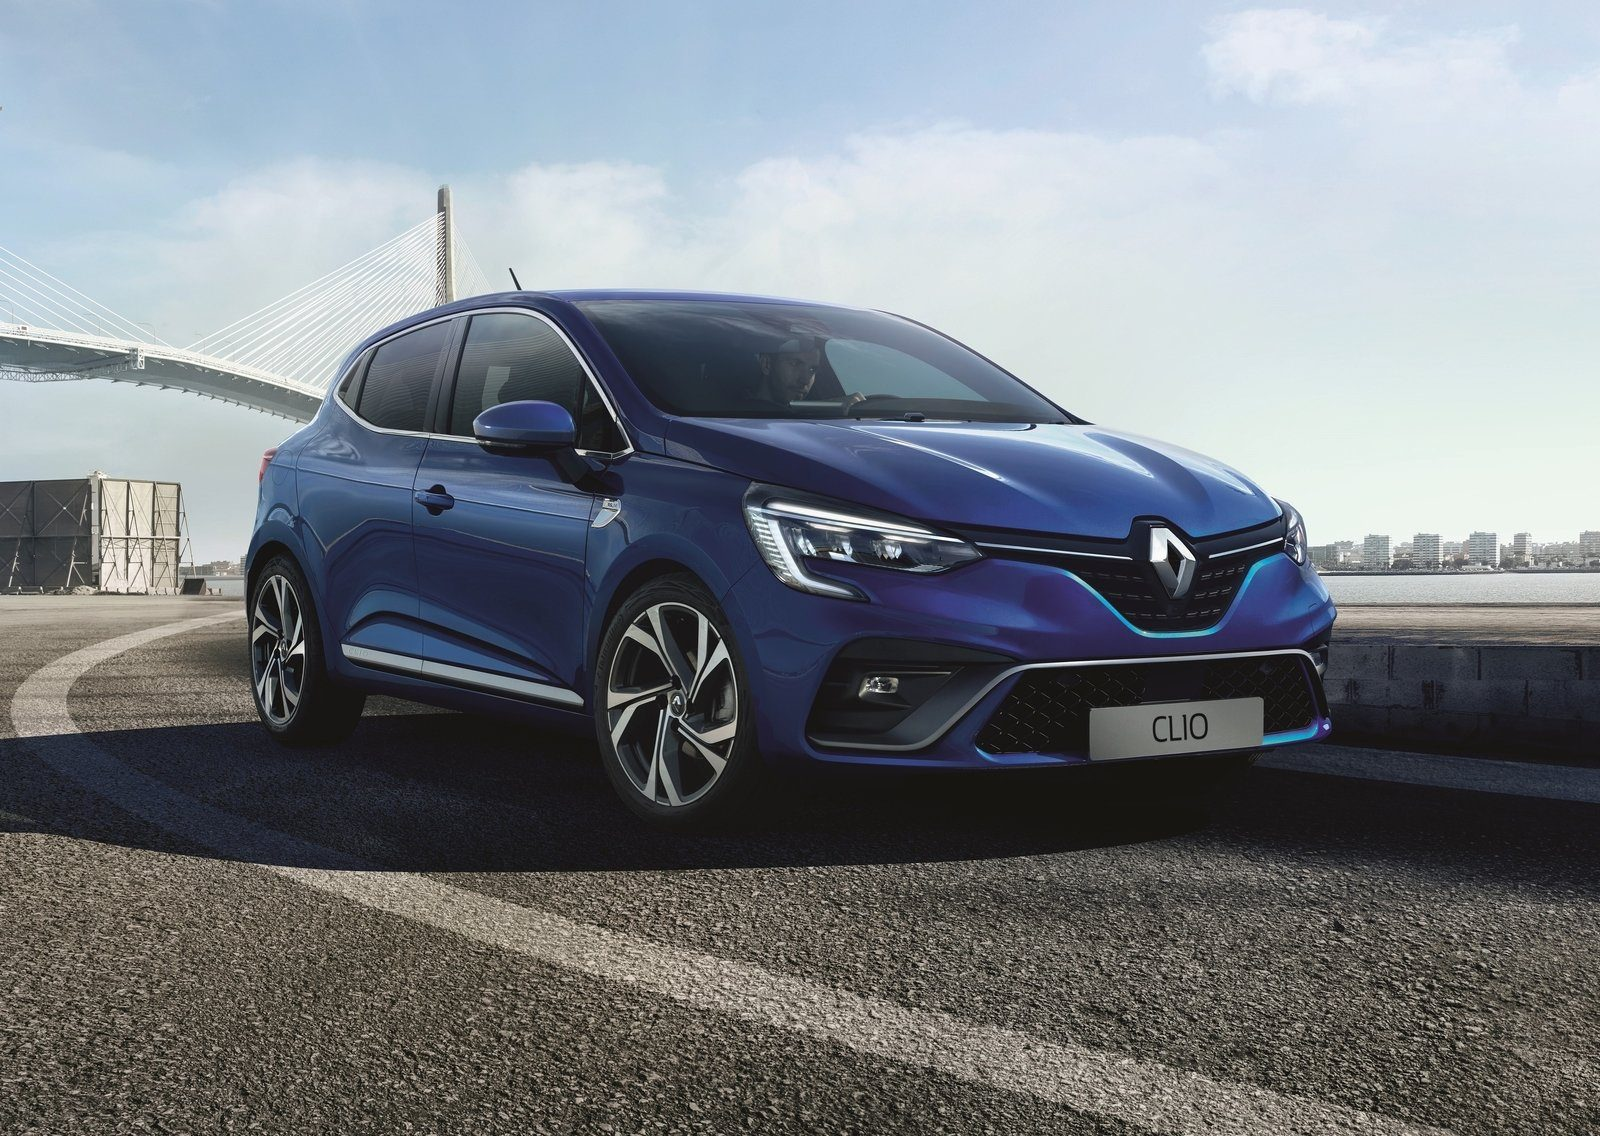 2020 Renault Clio Carphotopress Com